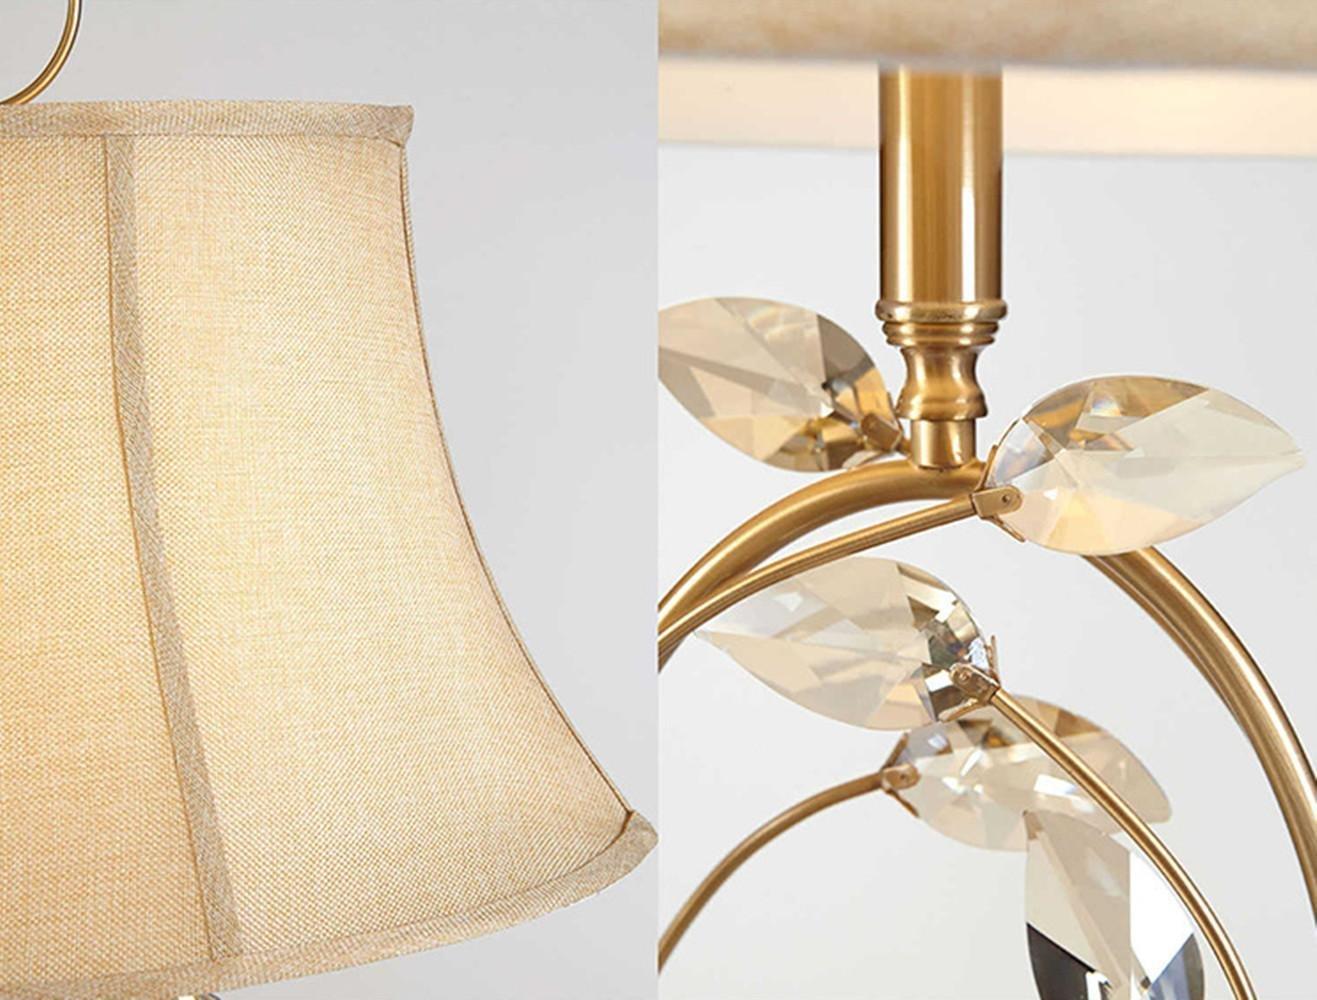 DENG DLUF E27 E27 E27 Crystal Tischlampe European Minimalist Modern Style Schlafzimmer Wohnzimmer Hotel Dekoration Creative Messing Lampe B07HRGVWP4 | Qualitätskönigin  3fa977